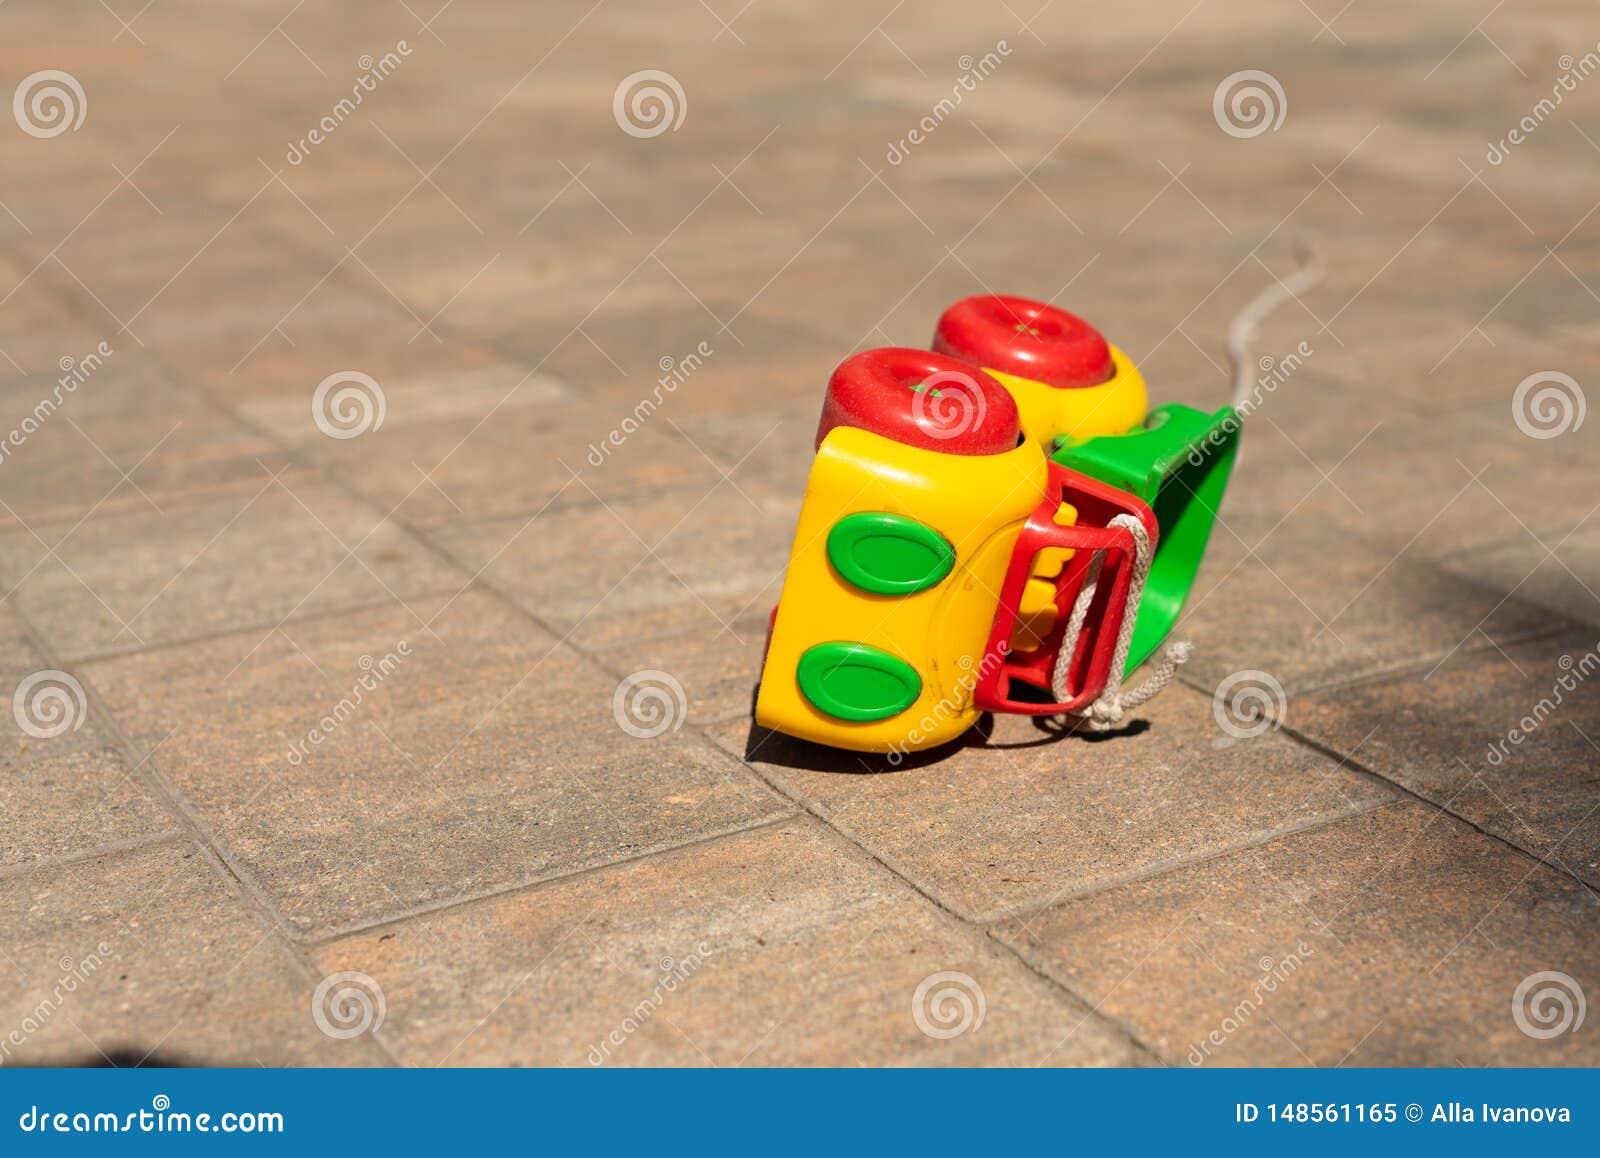 Babykinder spielen Hintergrund: Spielzeug farbiges Auto klopfte vorbei auf dem Pflasterstein